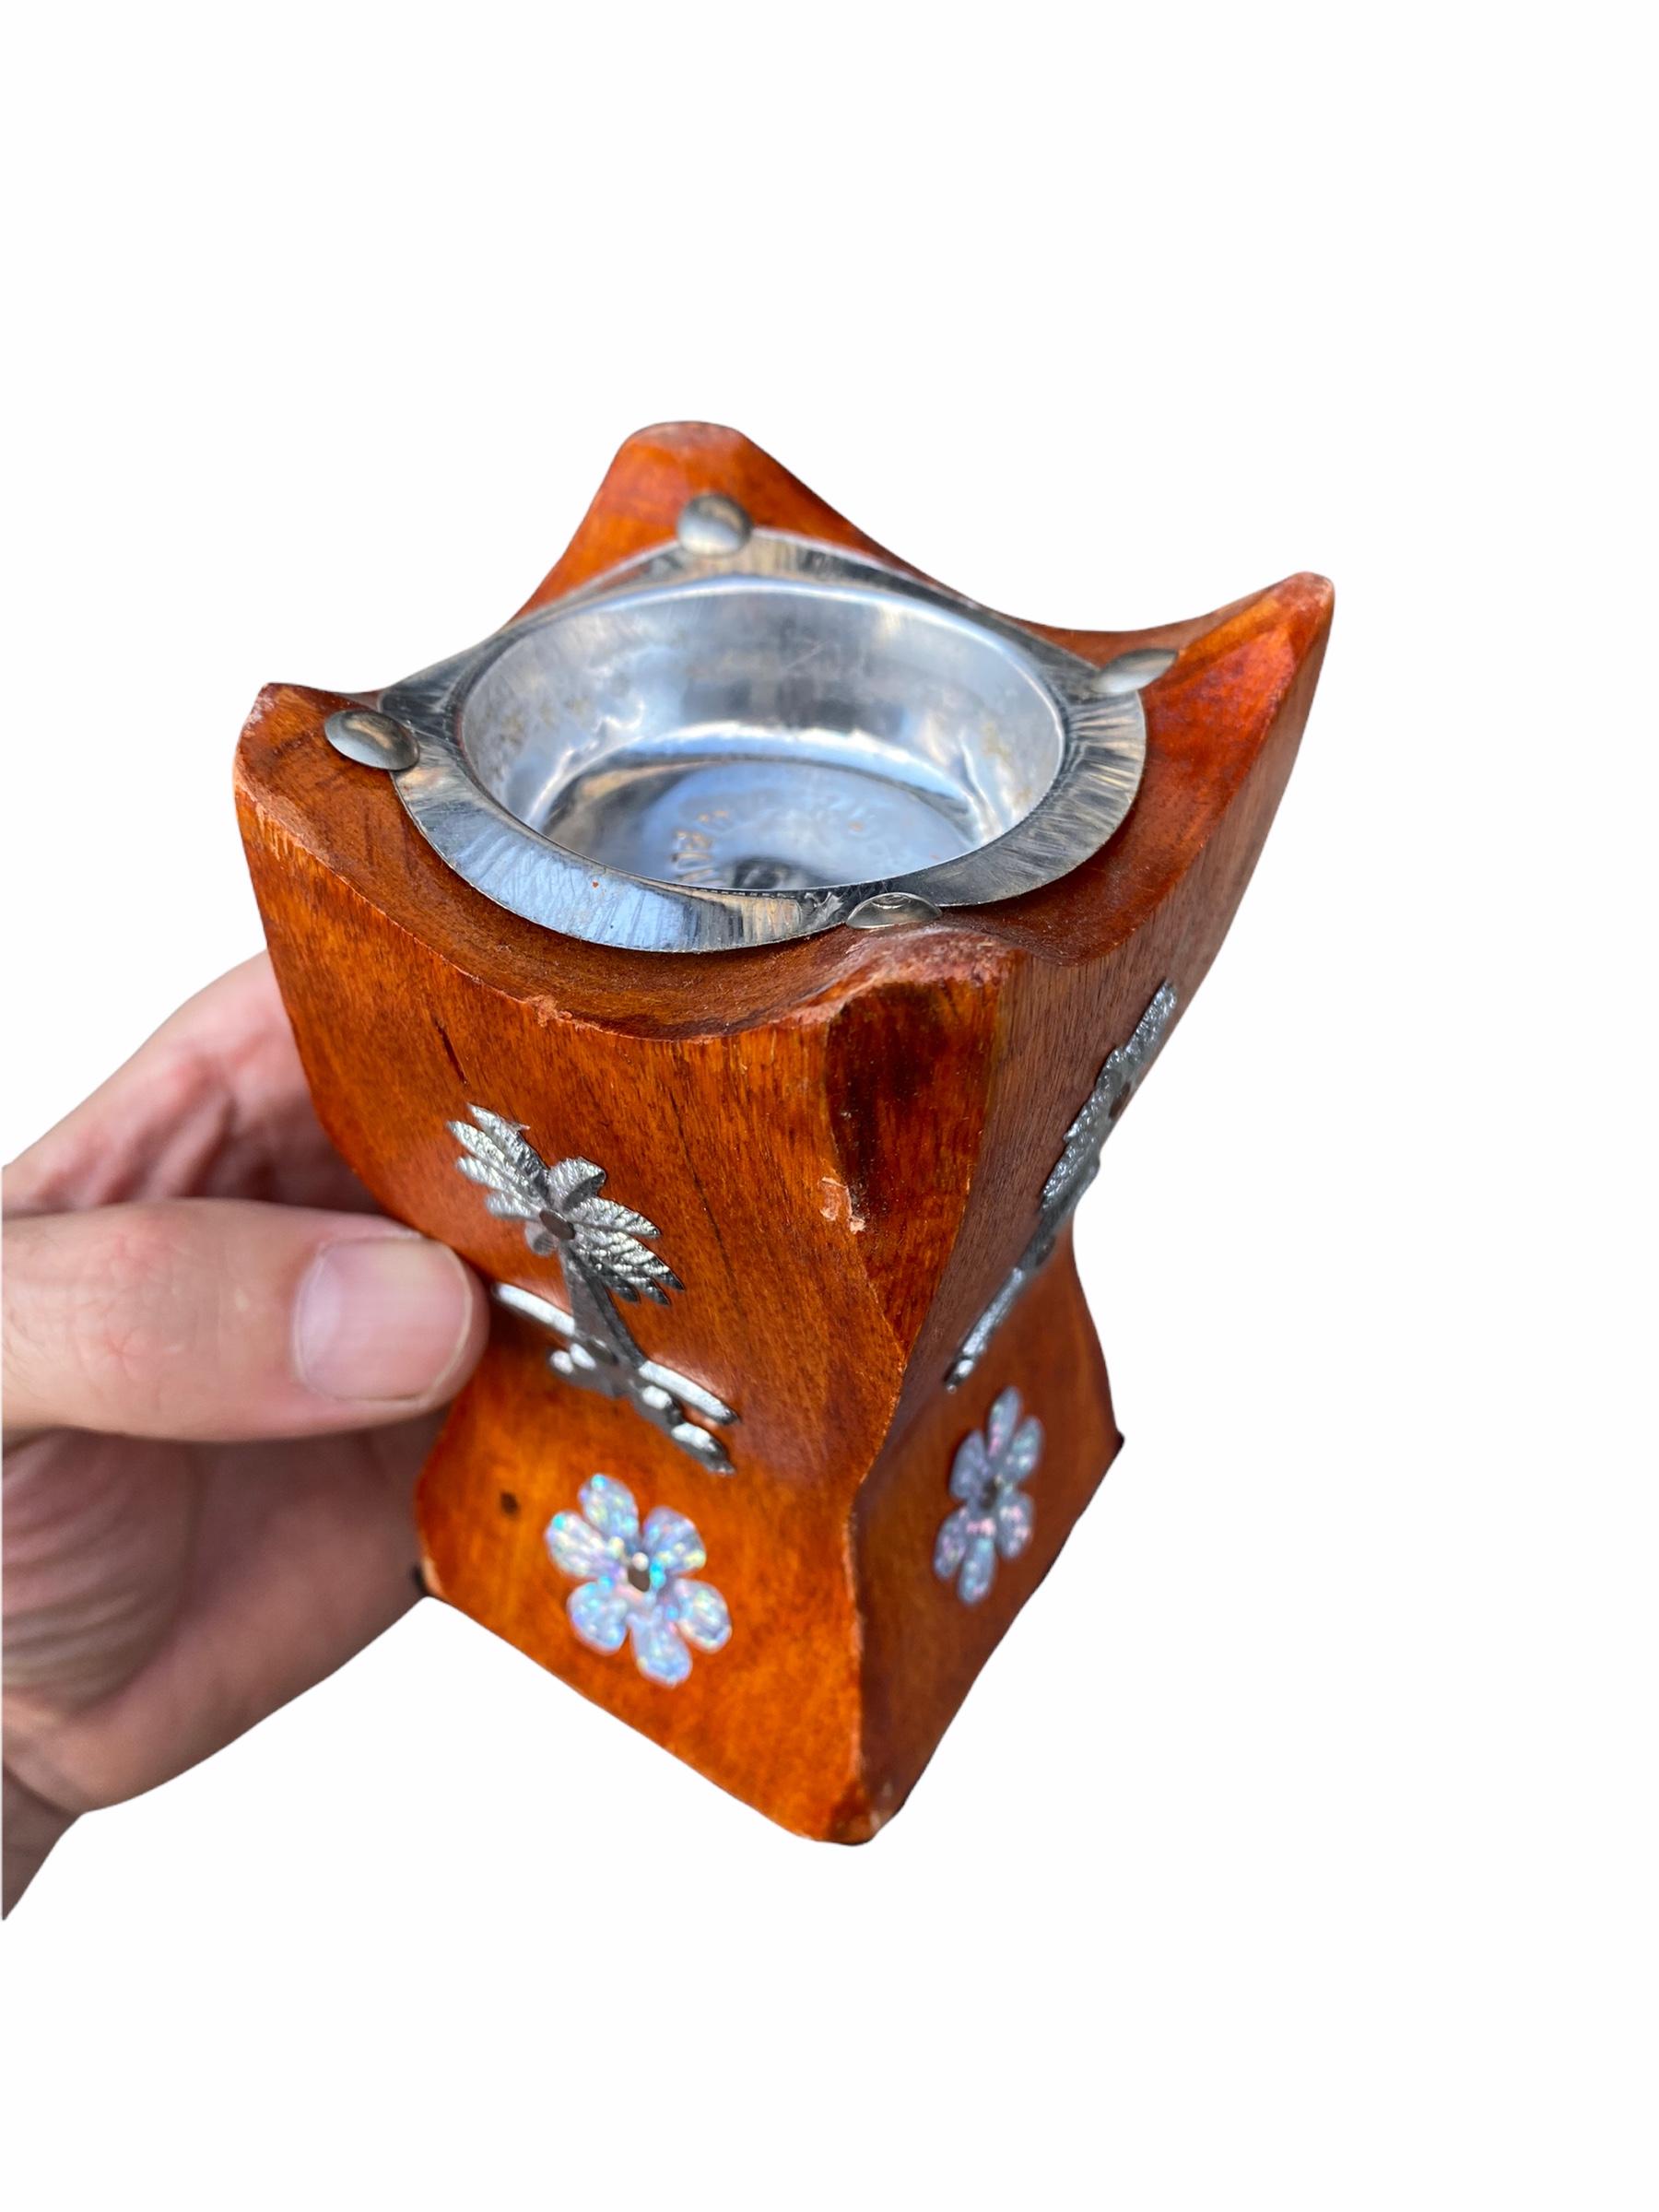 Encensoir en Bois Artisanal déposé votre charbon ardant sur la partie métallique puis votre bakhour par dessus afin de parfumer votre maison